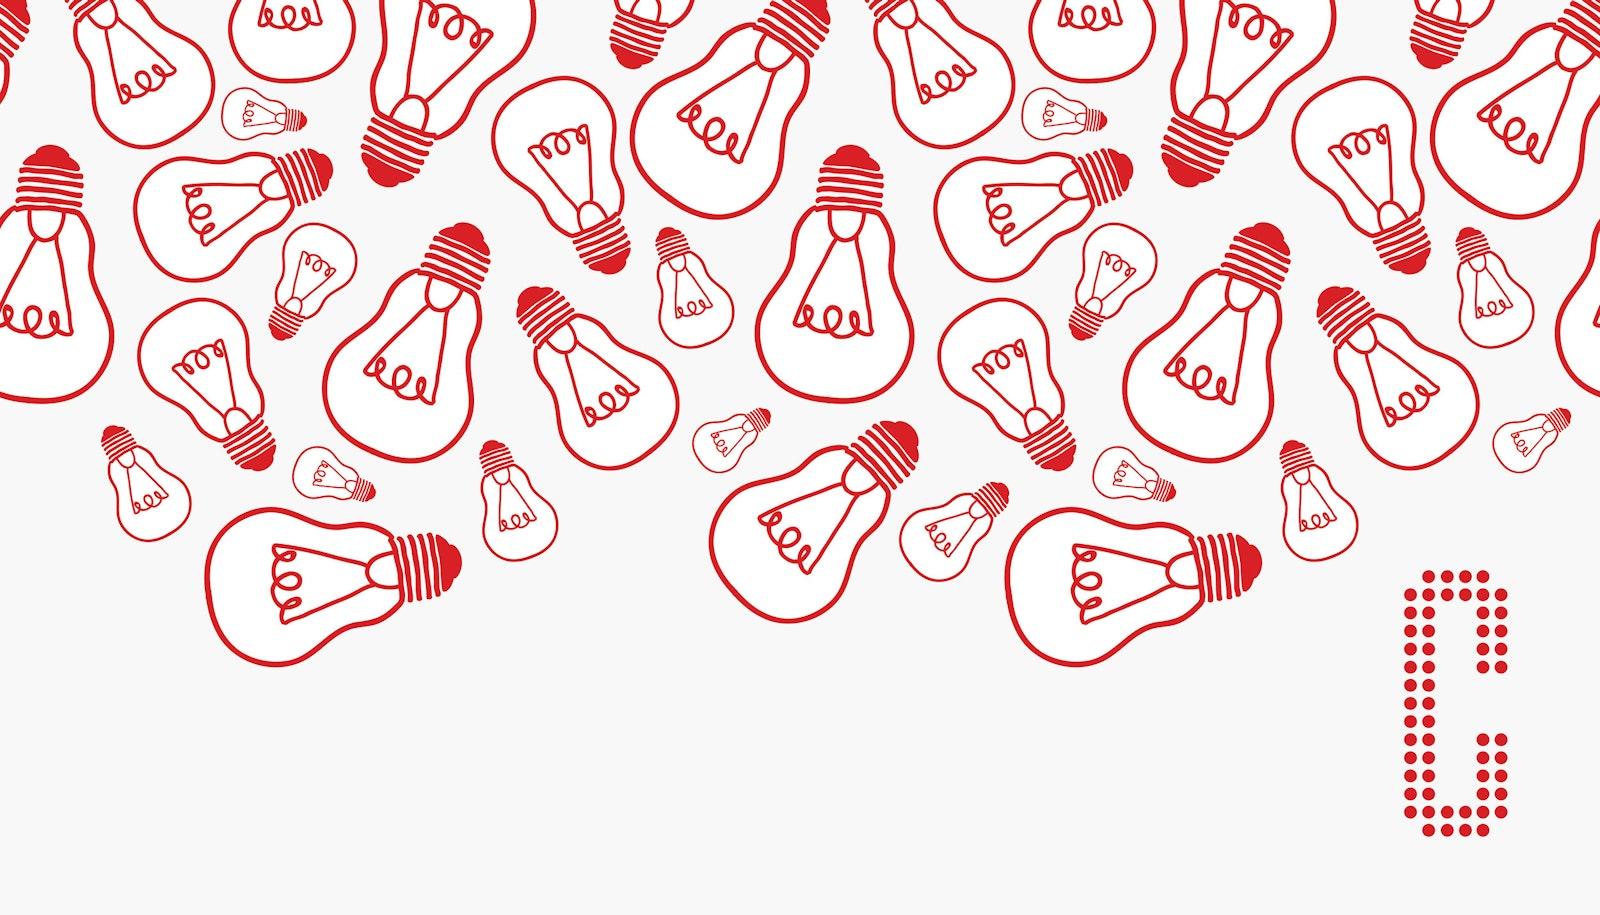 ART FIN Blog Image Patterns A 1